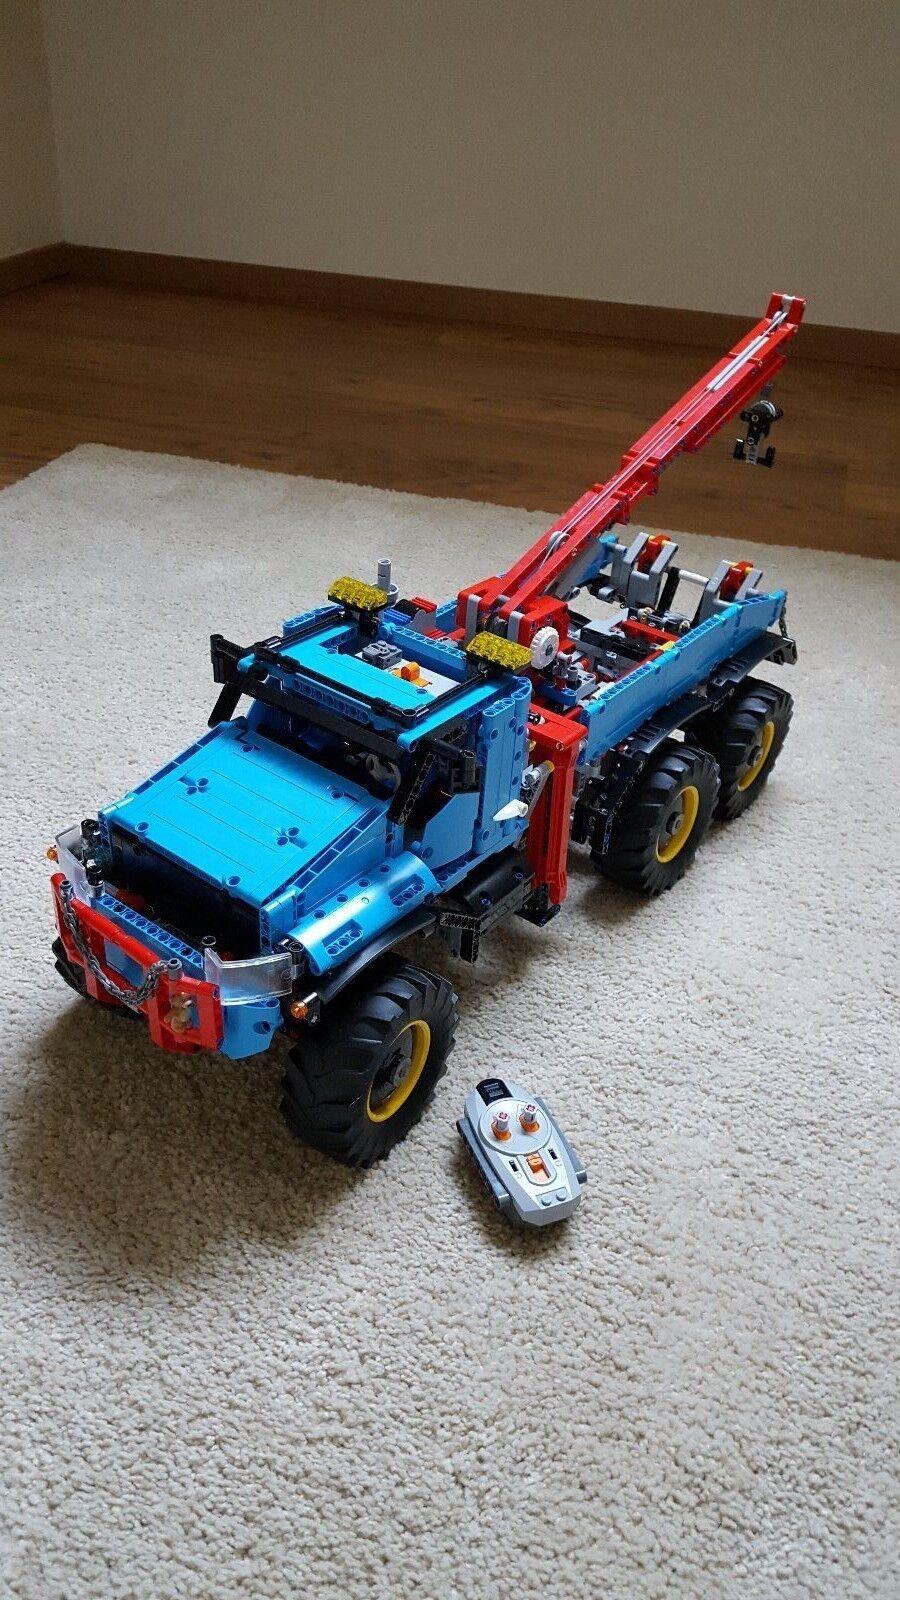 Superbe Noël sonné sonné, accueille les célébrations du nouvel an an an LEGO Technic 42070 Tout-Terrain 6x6 état neuf c0eaac